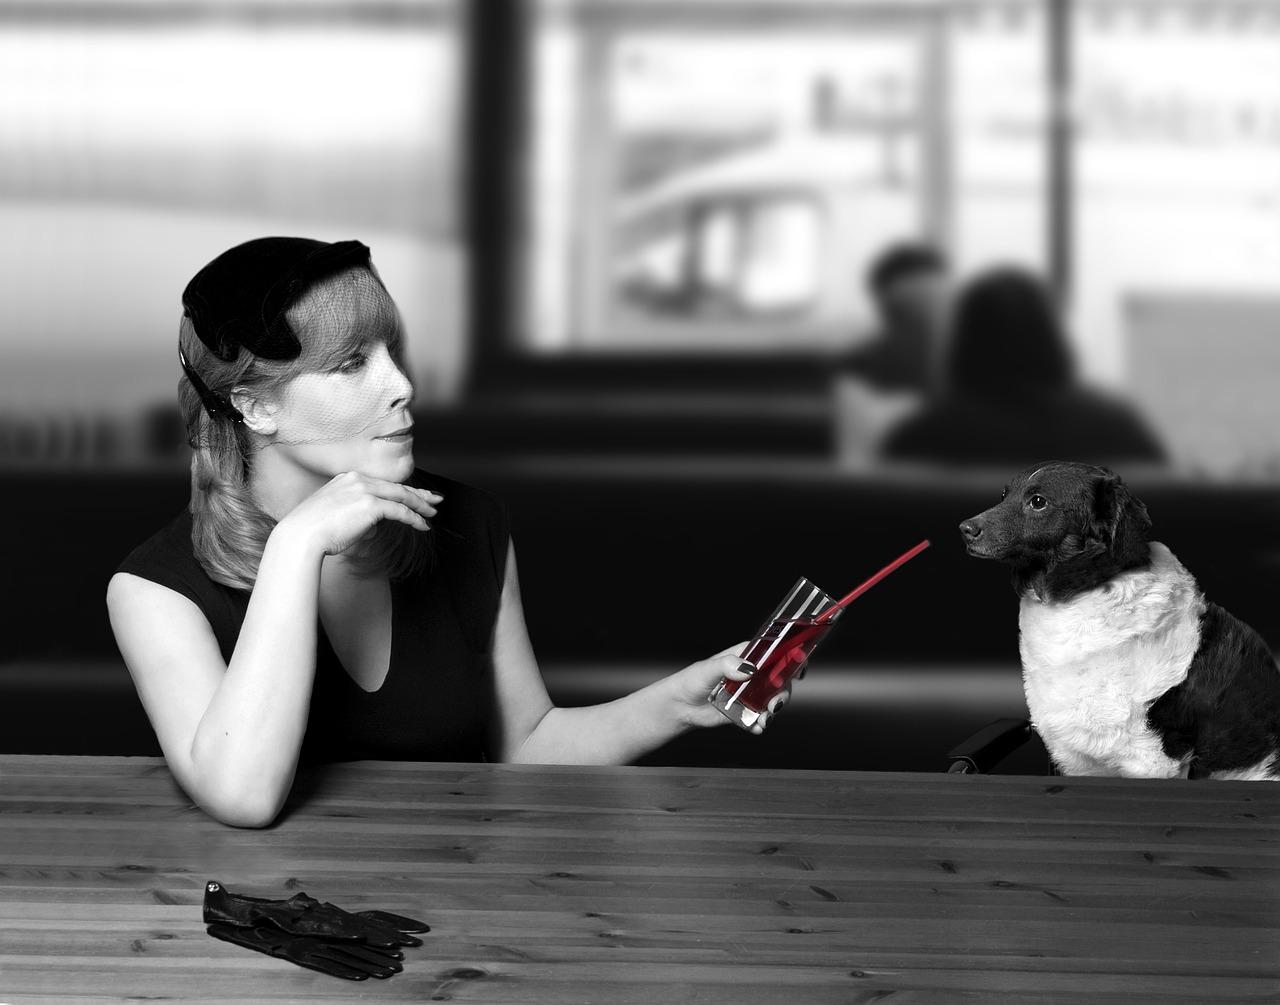 mejor amigo perro pet dog relatos cruce de caminos beitavg